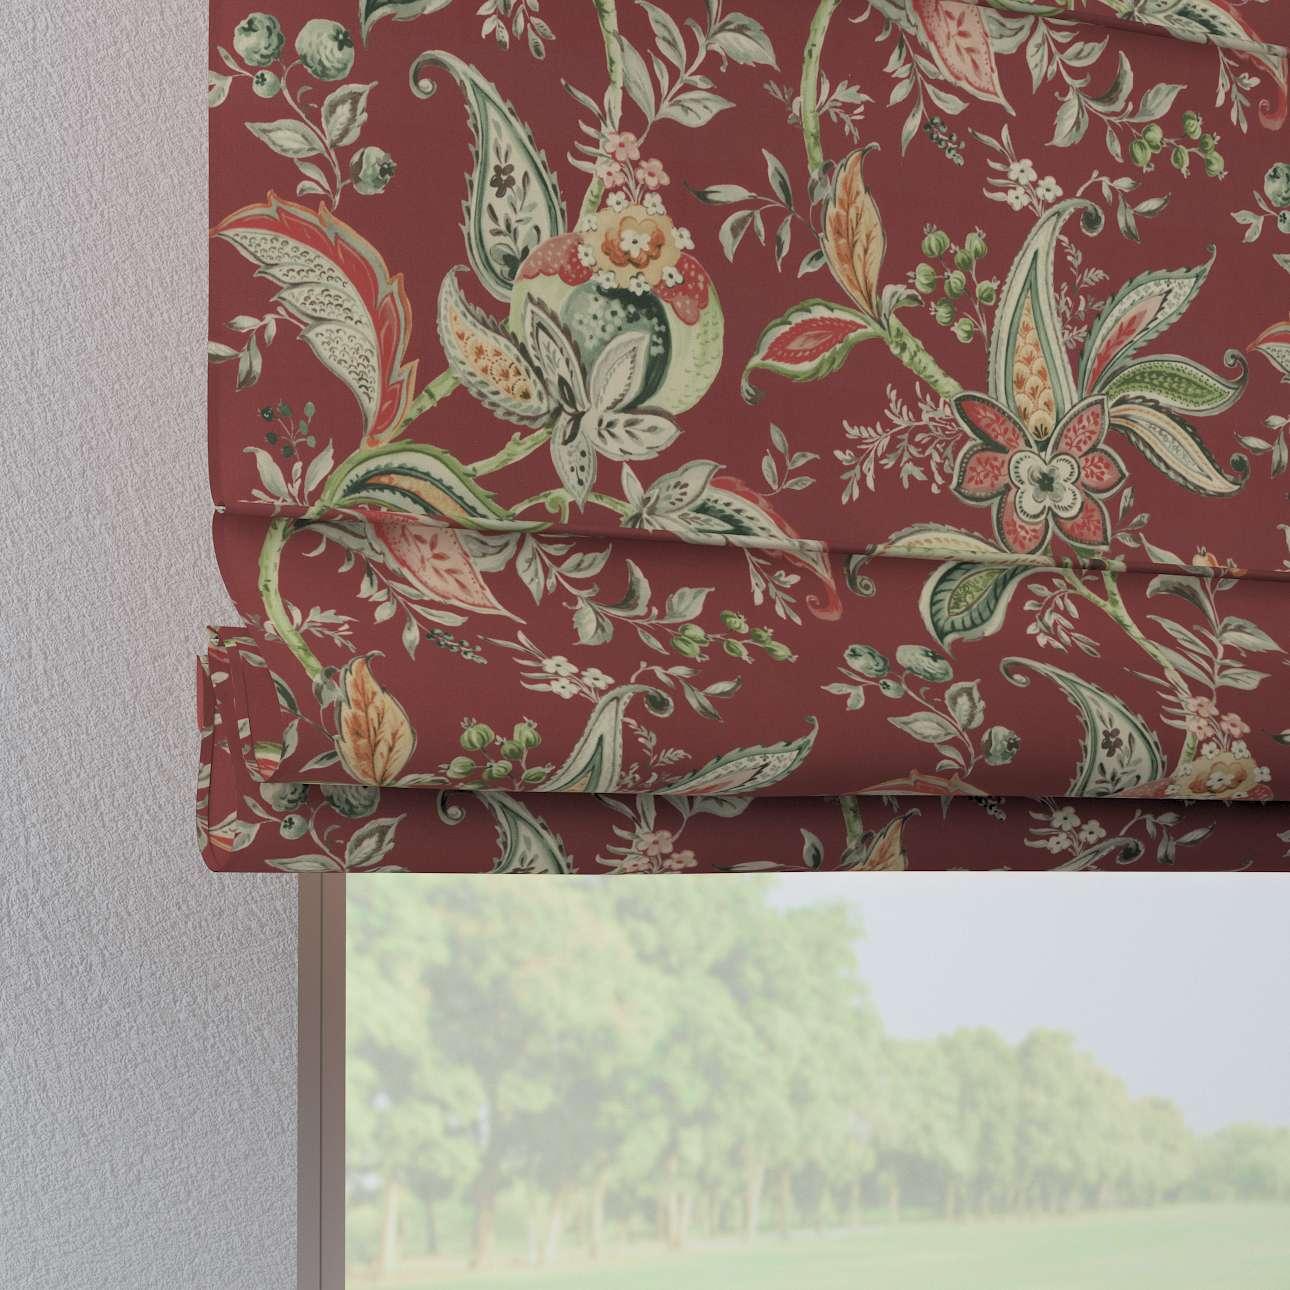 Rímska roleta Verona V kolekcii Gardenia, tkanina: 142-12